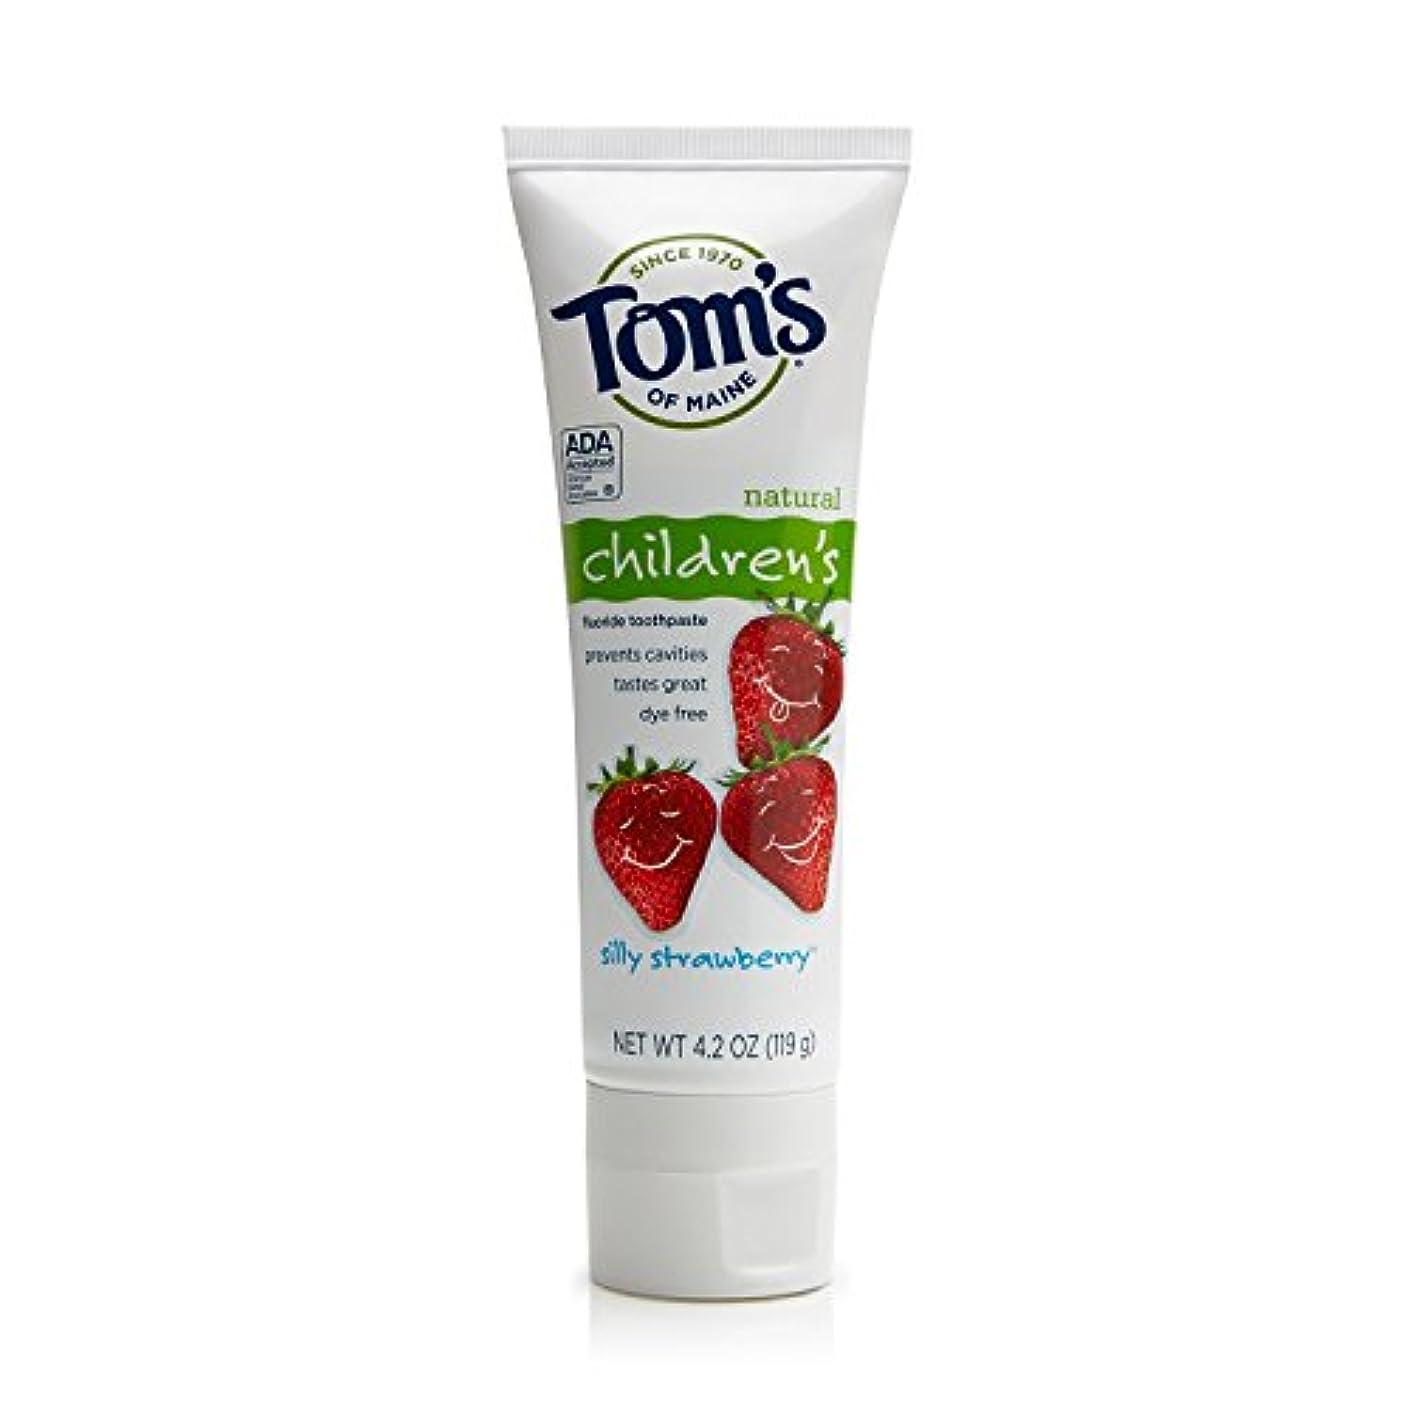 アルコールレディTom's of Maine 4.2 oz. Silly Strawberry Natural Children's Anticavity Toothpaste by Tom's of Maine